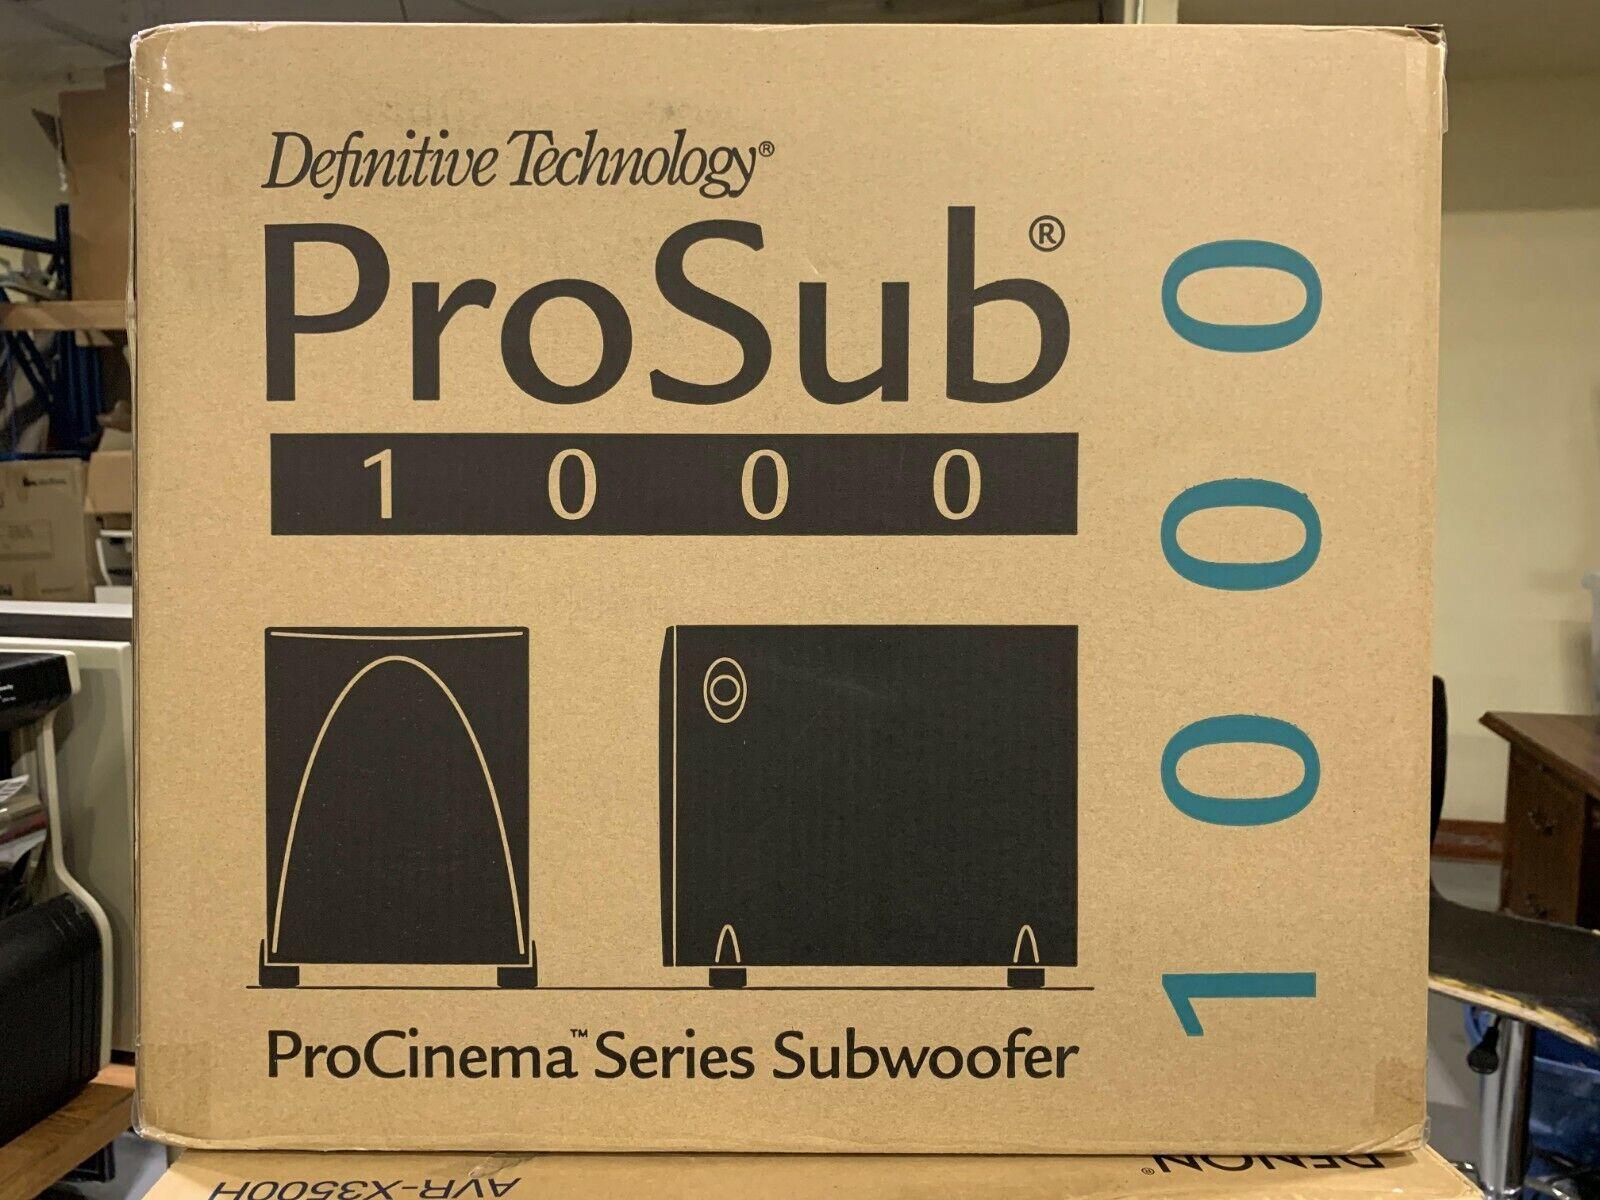 Lot of 2 ProSub 1000 Definitive Technology 120V Speaker